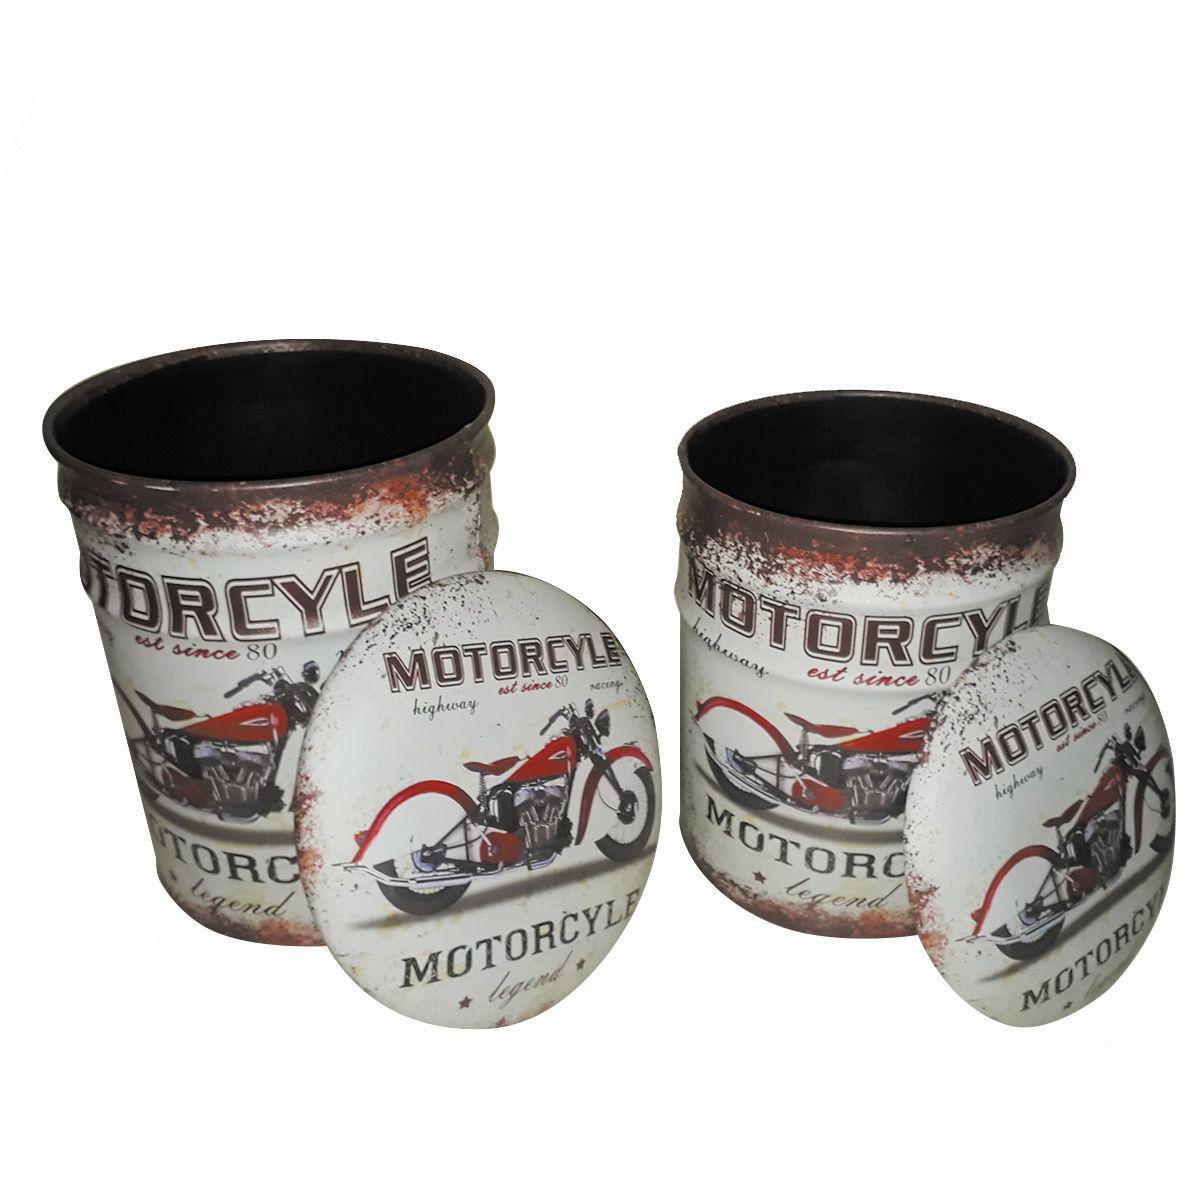 Conjunto Puff Baú Mod. Motorcyle est since 80